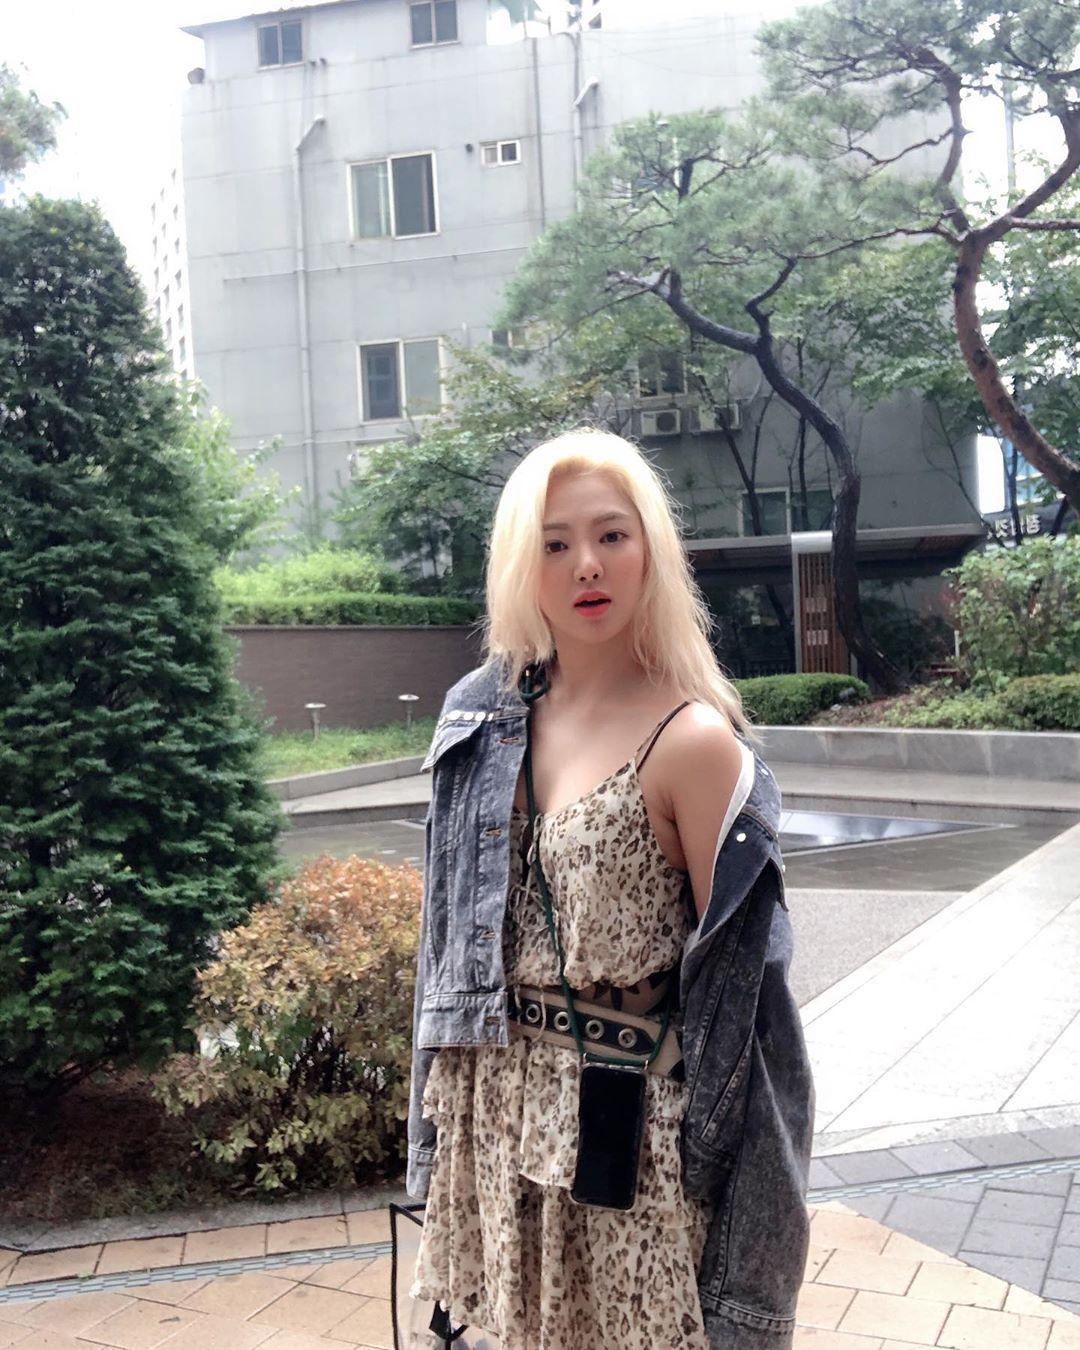 Intip Gaya Hyoyeon SNSD yang Keren Sekaligus Seksi